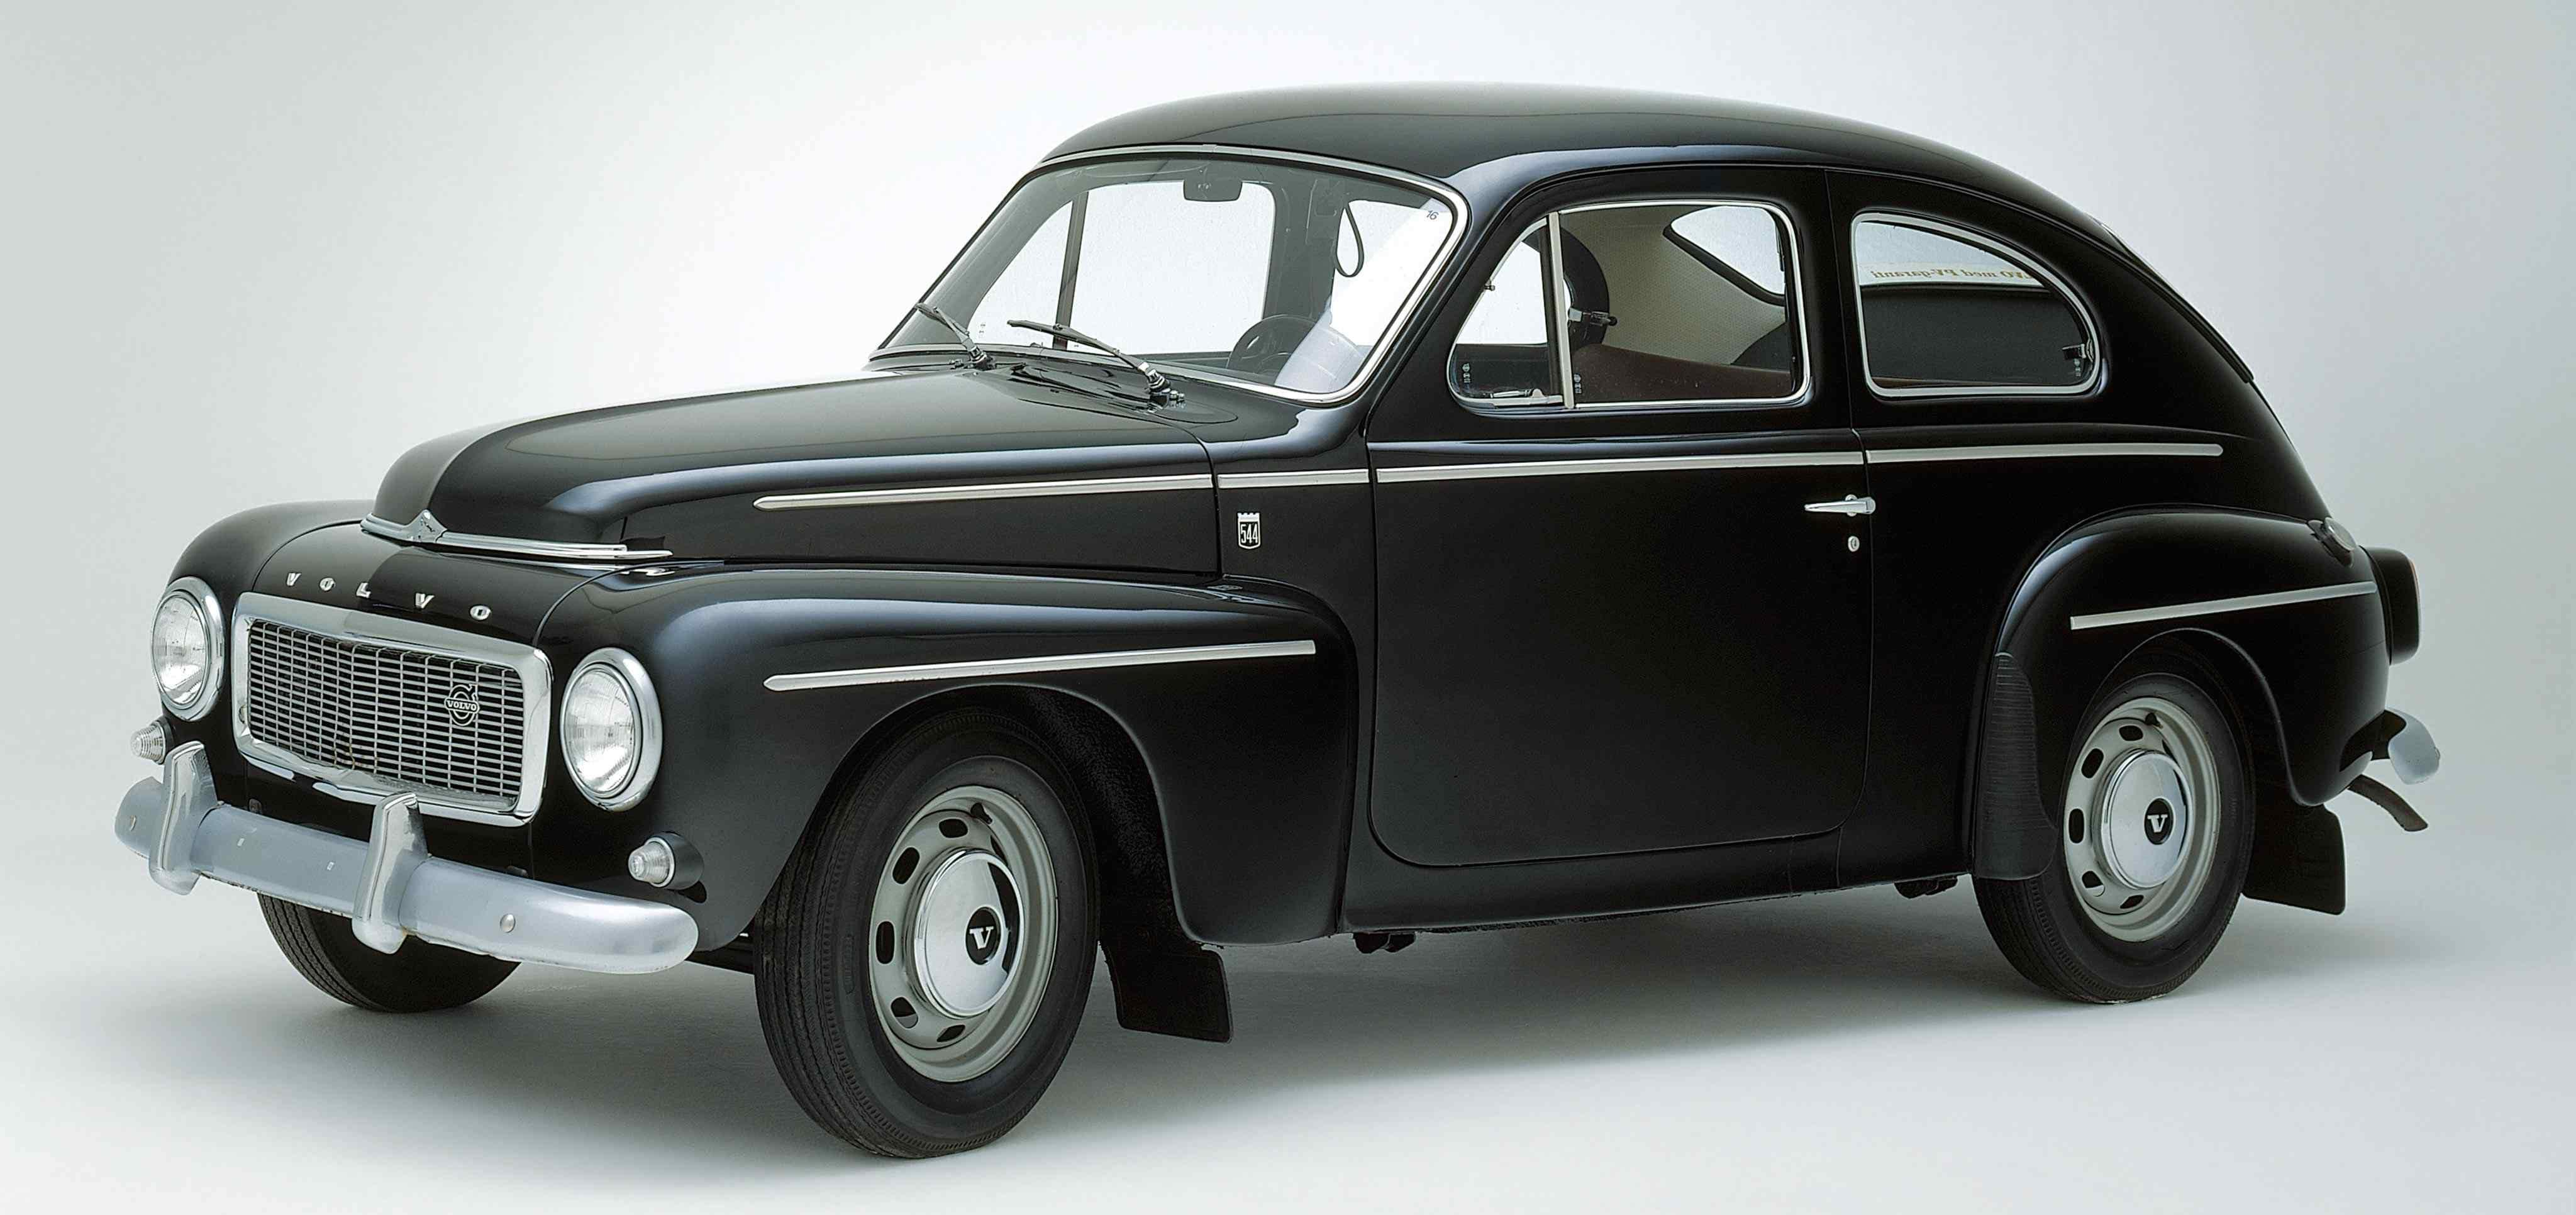 Un Volvo PV544 color negro en un estudio